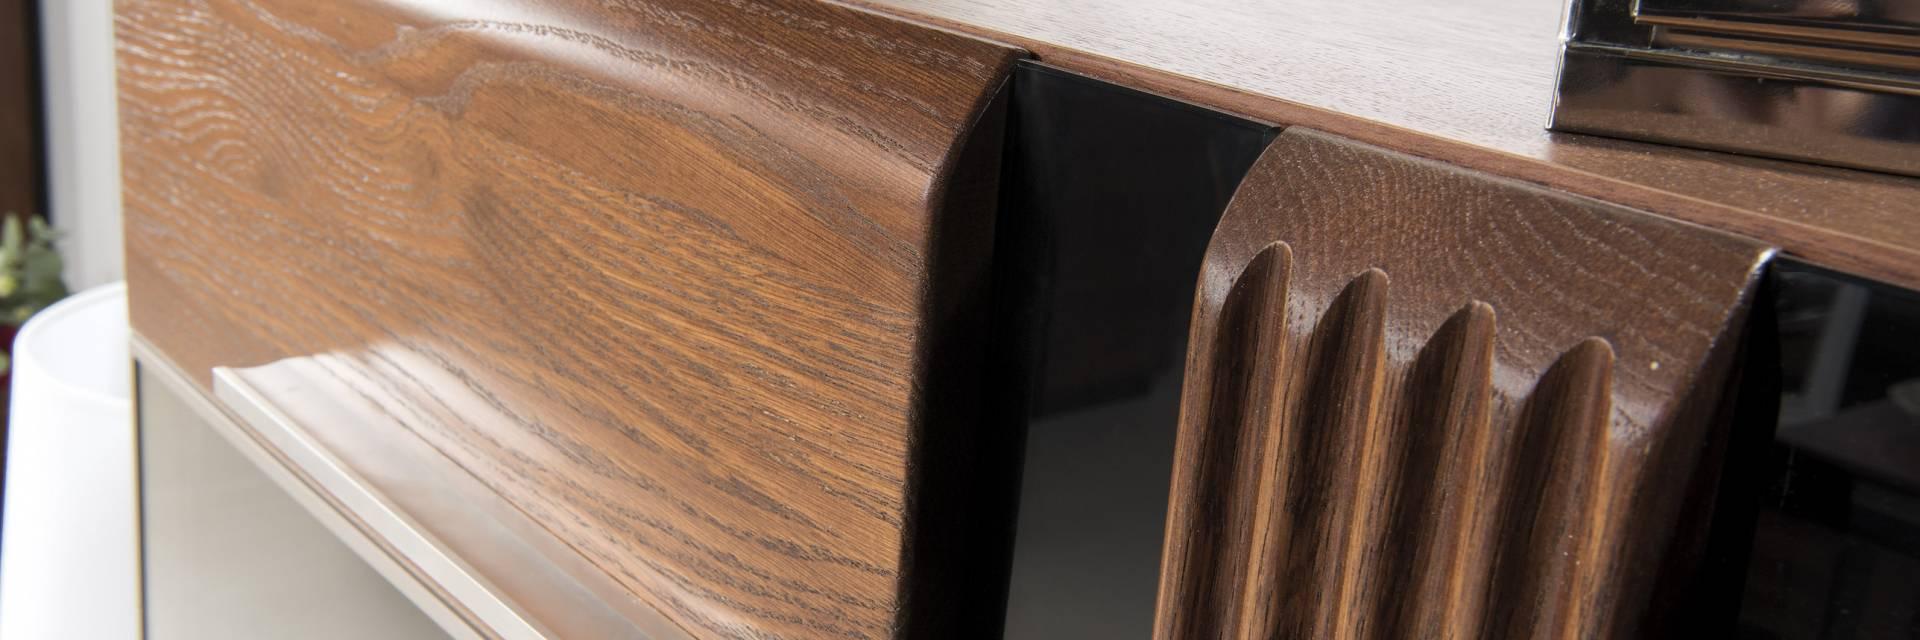 Kolekcja Mebli z Drewna Dębowego Porti do Salonu